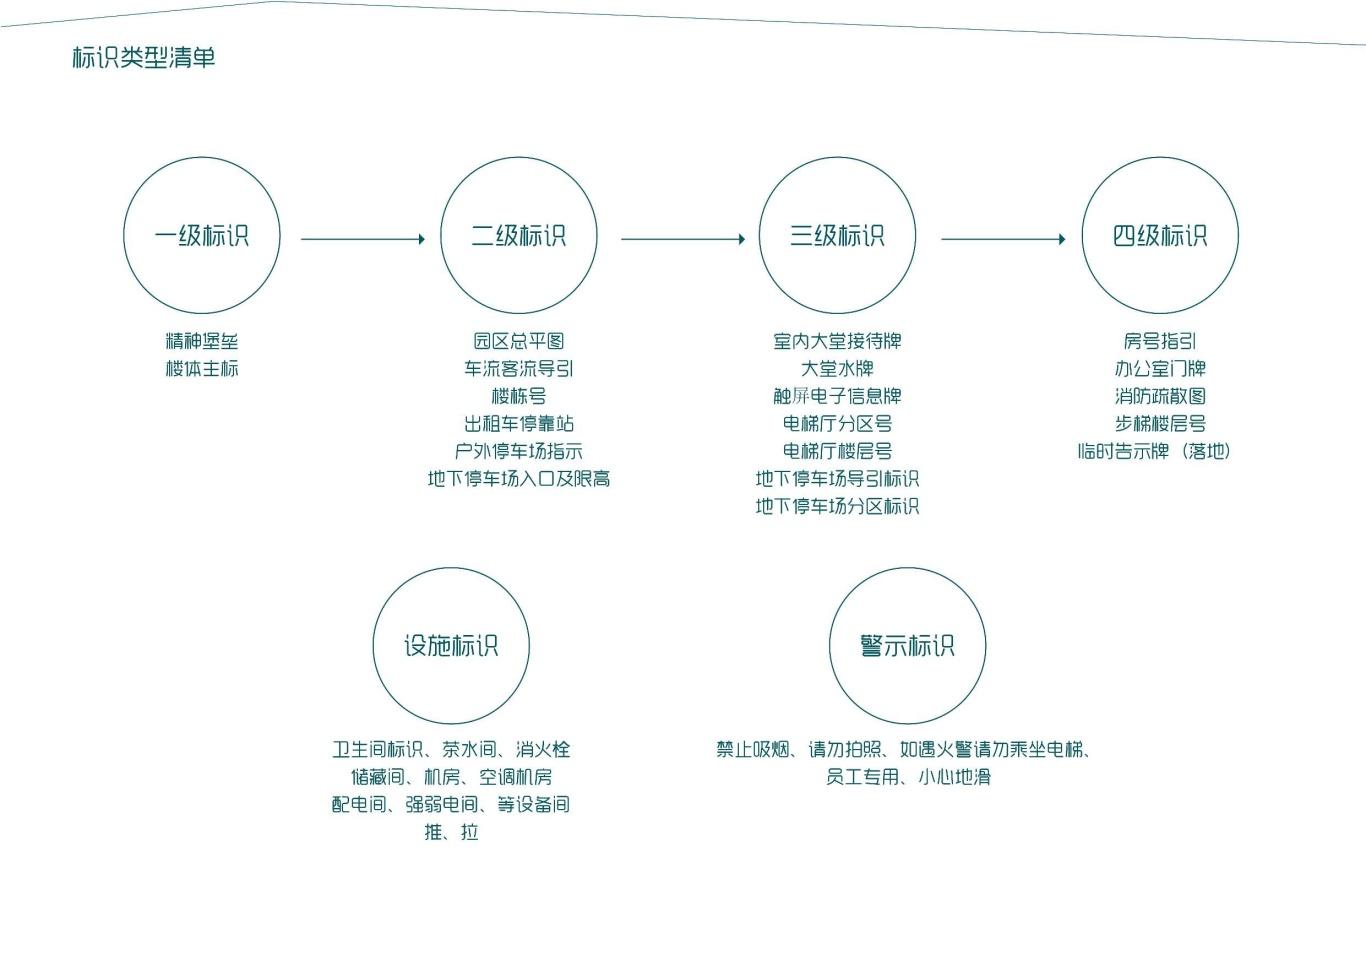 大连泰达慧谷开发区导视系统设计图17